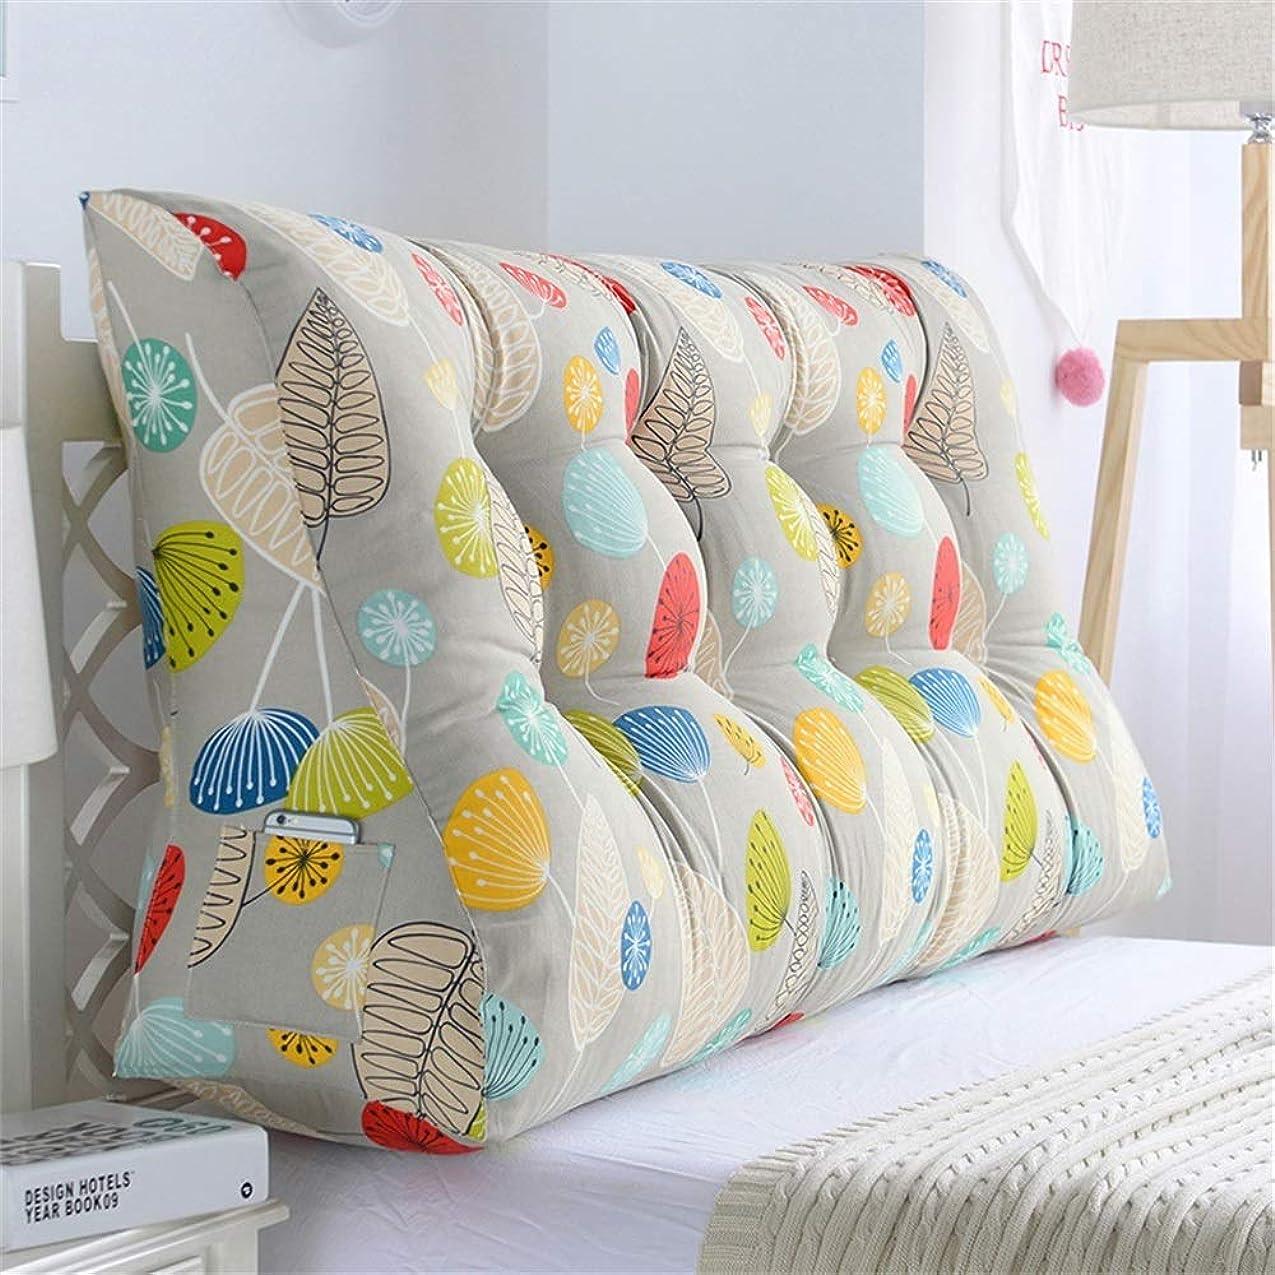 減らす犠牲事実上GLP ベッドサイドクッション三角背もたれ腰のソファ大きな枕張りパッド22色&8サイズで取り外し可能 (Color : K, Size : 200x30x60cm)